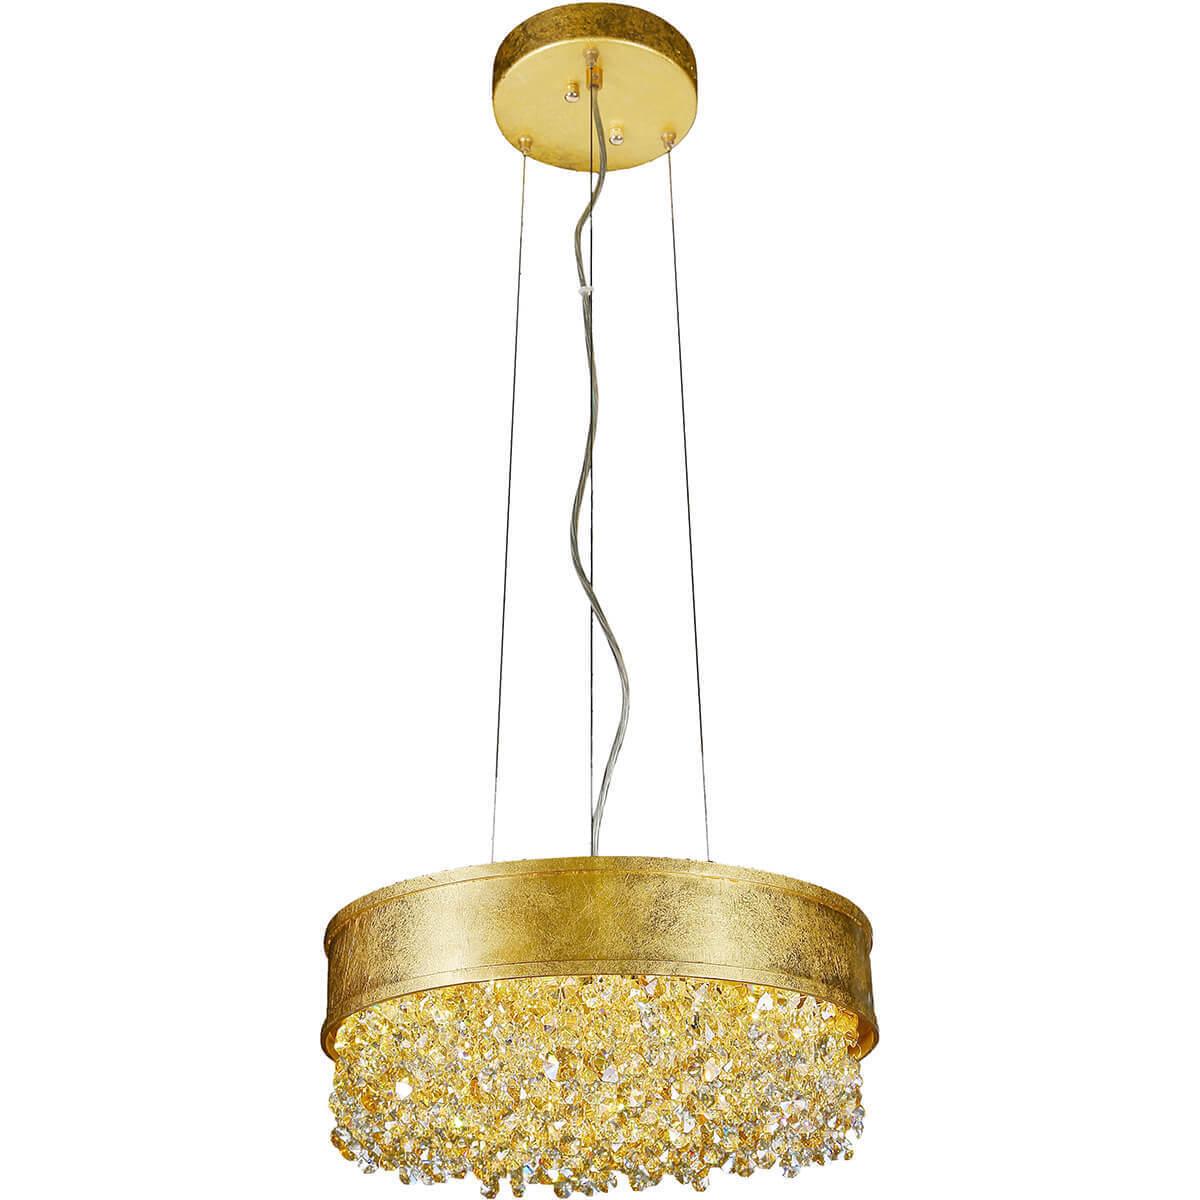 Подвесной светодиодный светильник Lucia Tucci Fabian 1551.12 Oro Led abt tobias erath fabian power of e motion